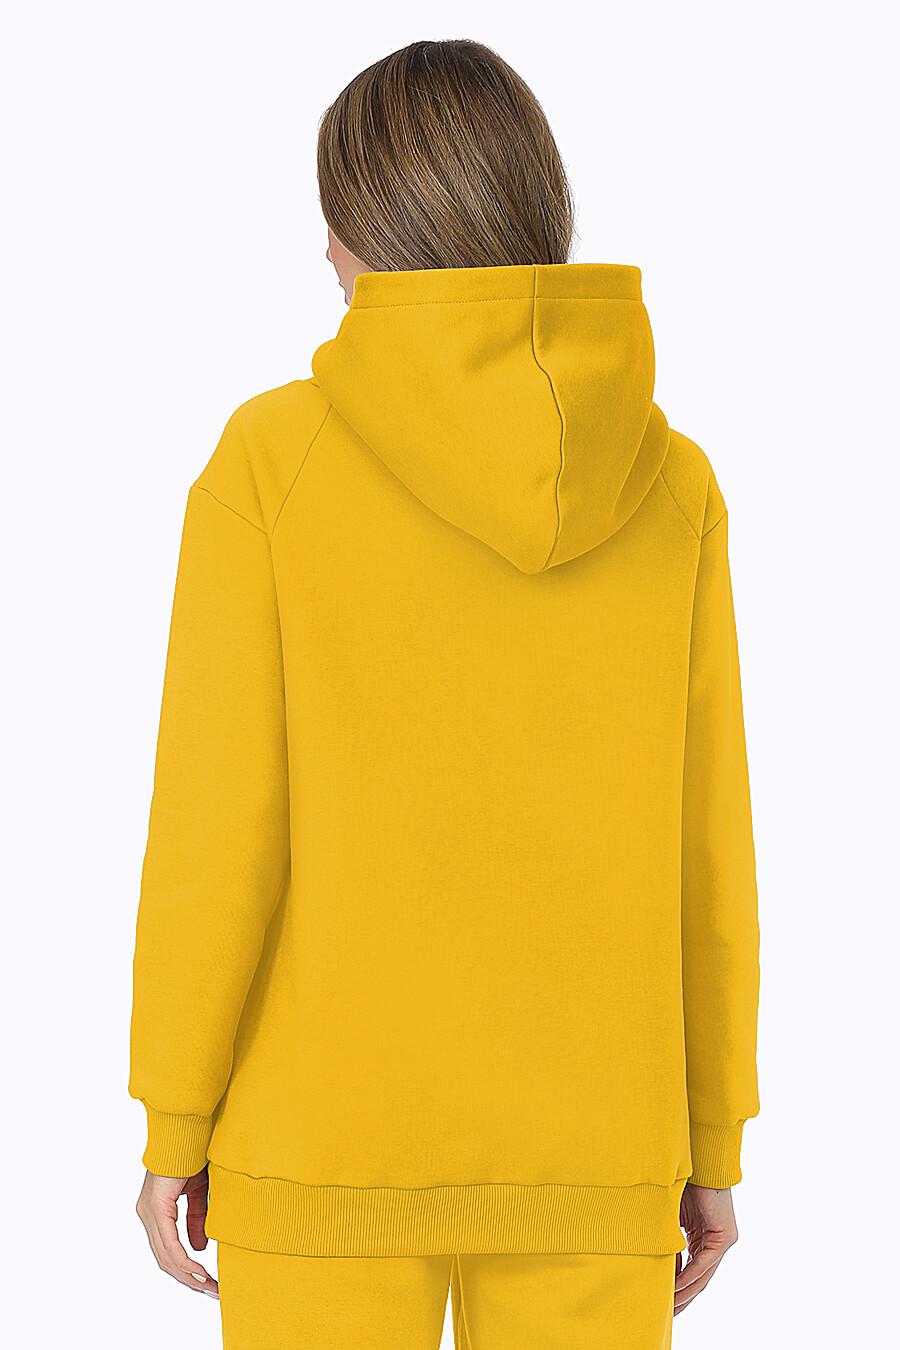 Худи для женщин EZANNA 708513 купить оптом от производителя. Совместная покупка женской одежды в OptMoyo